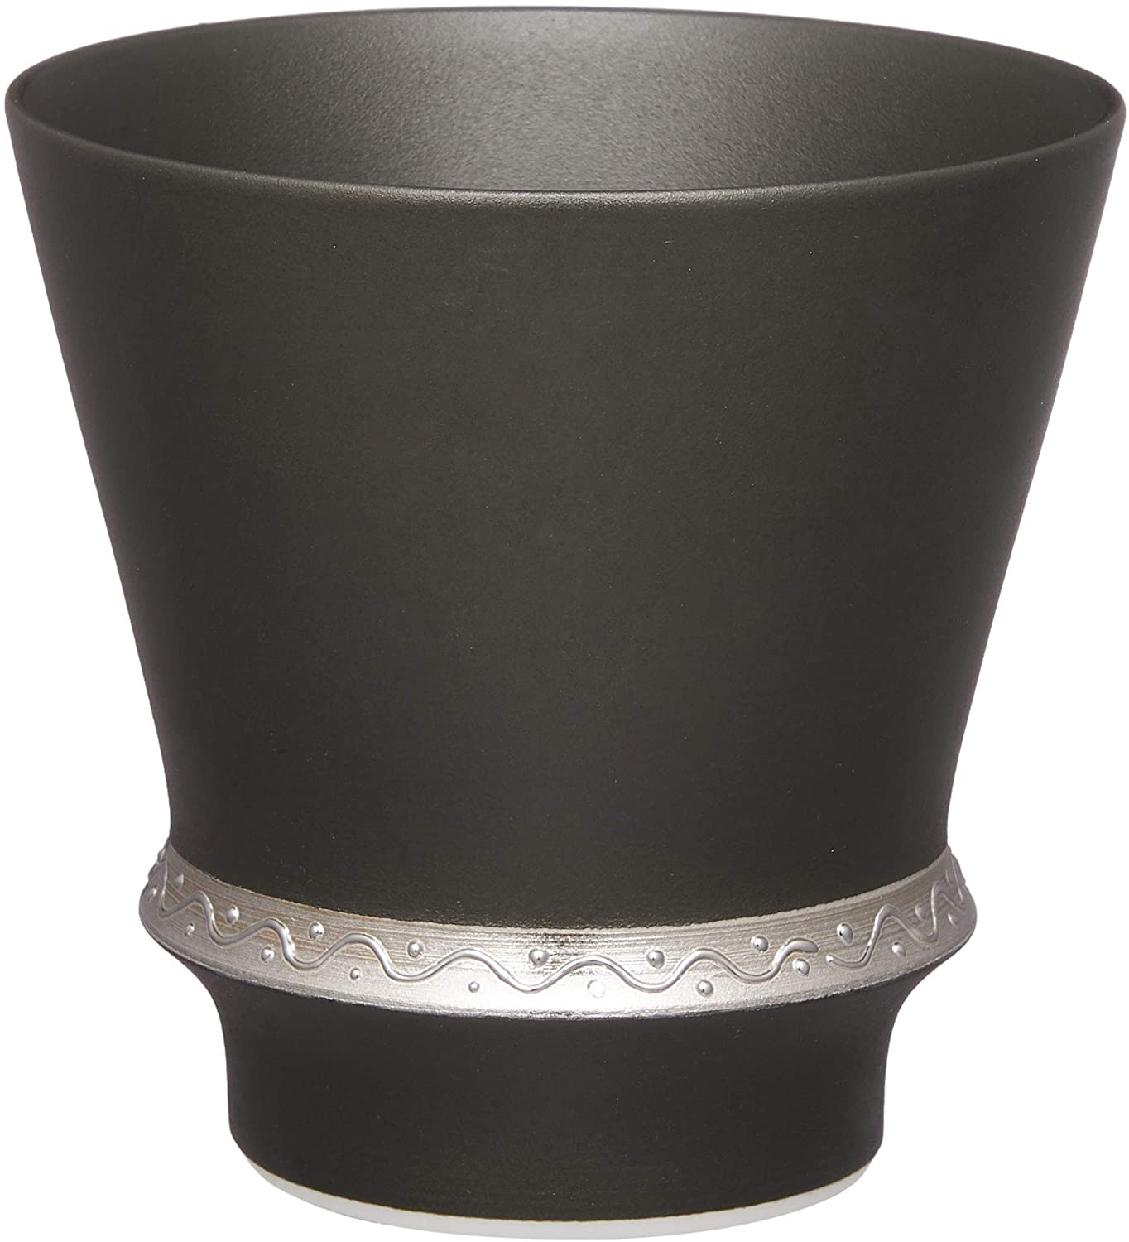 まるぶん至高の焼酎グラス「いぶし銀」280ml T_98849の商品画像